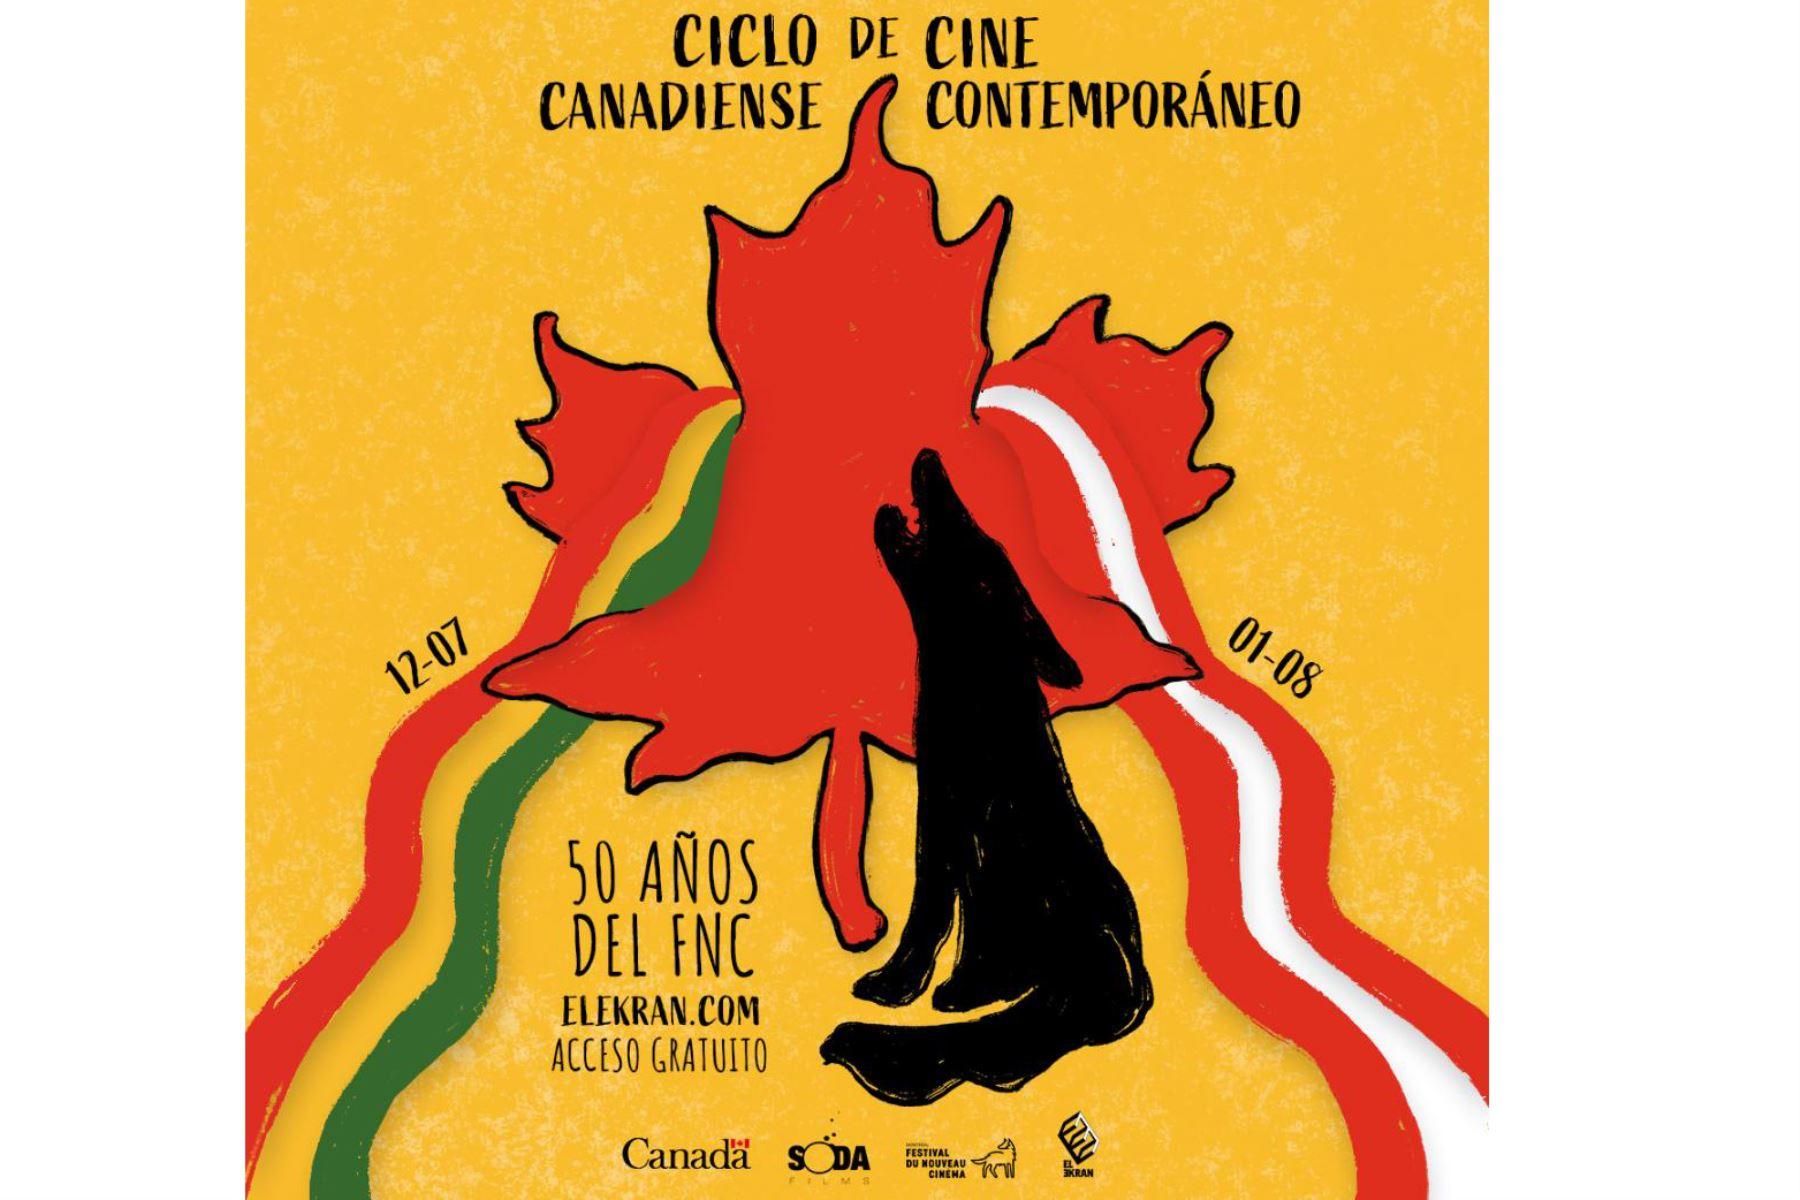 Presentan ciclo de cine canadiense contemporáneo en Lima